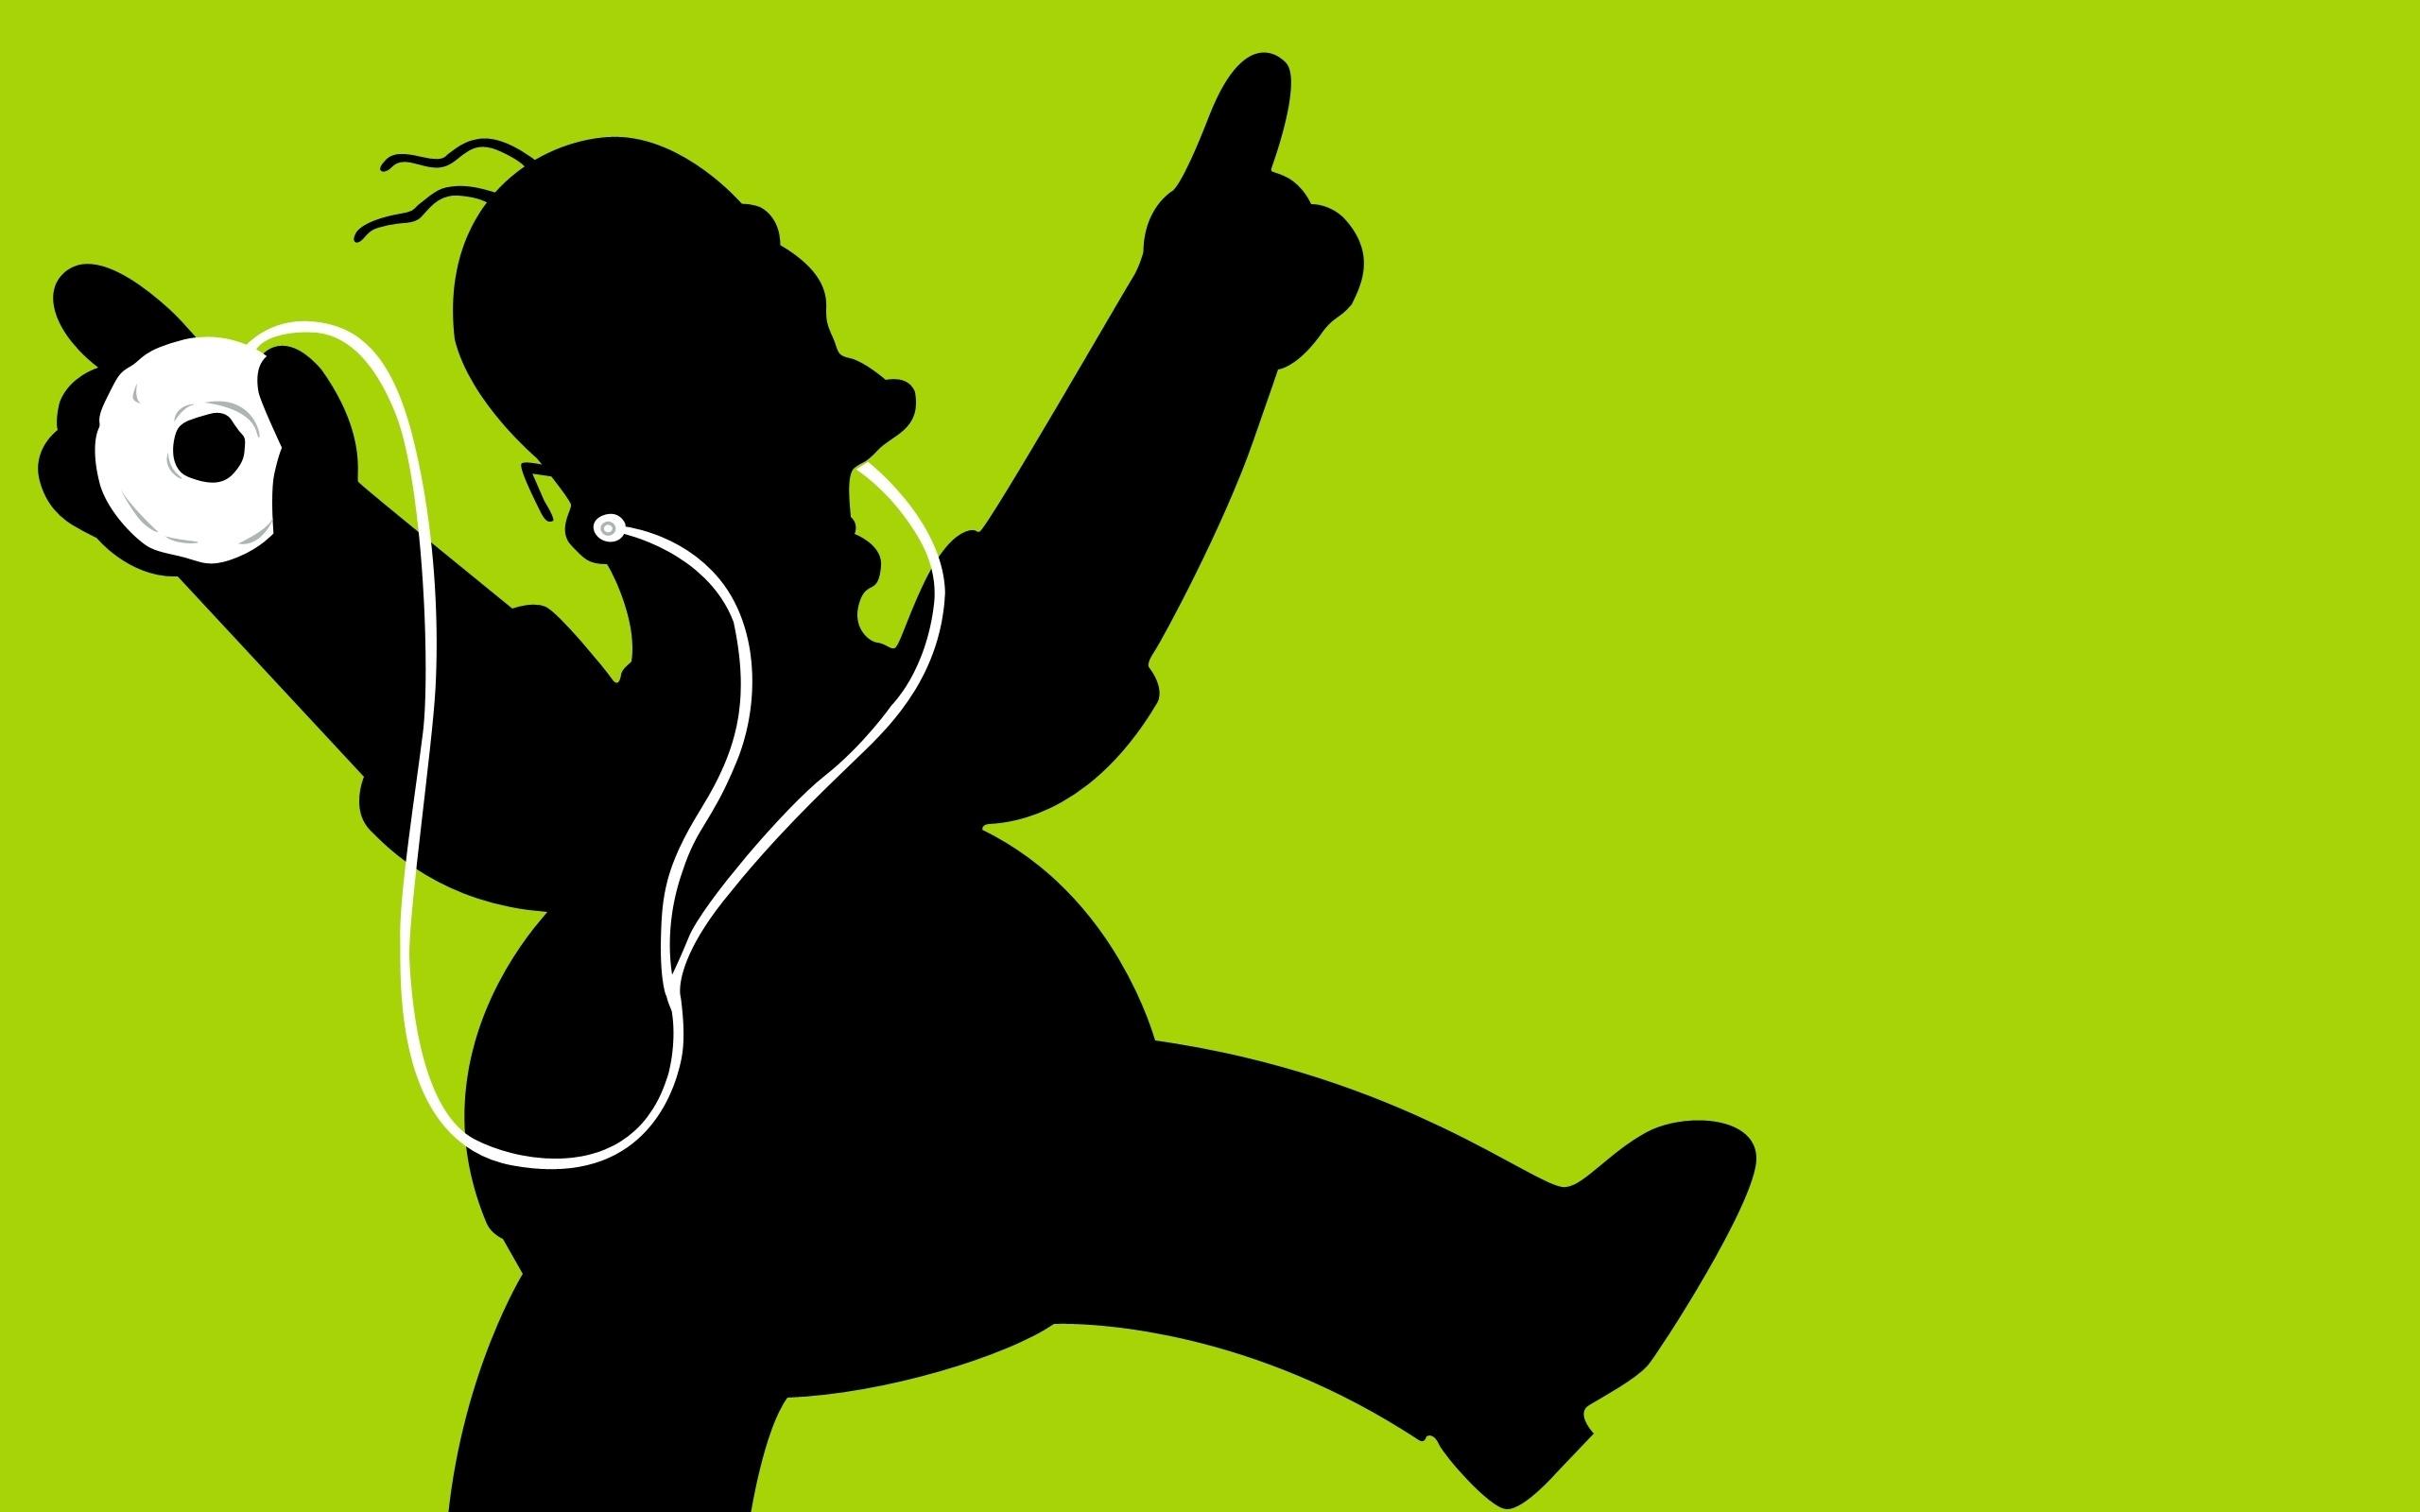 Koju muziku slušaš?